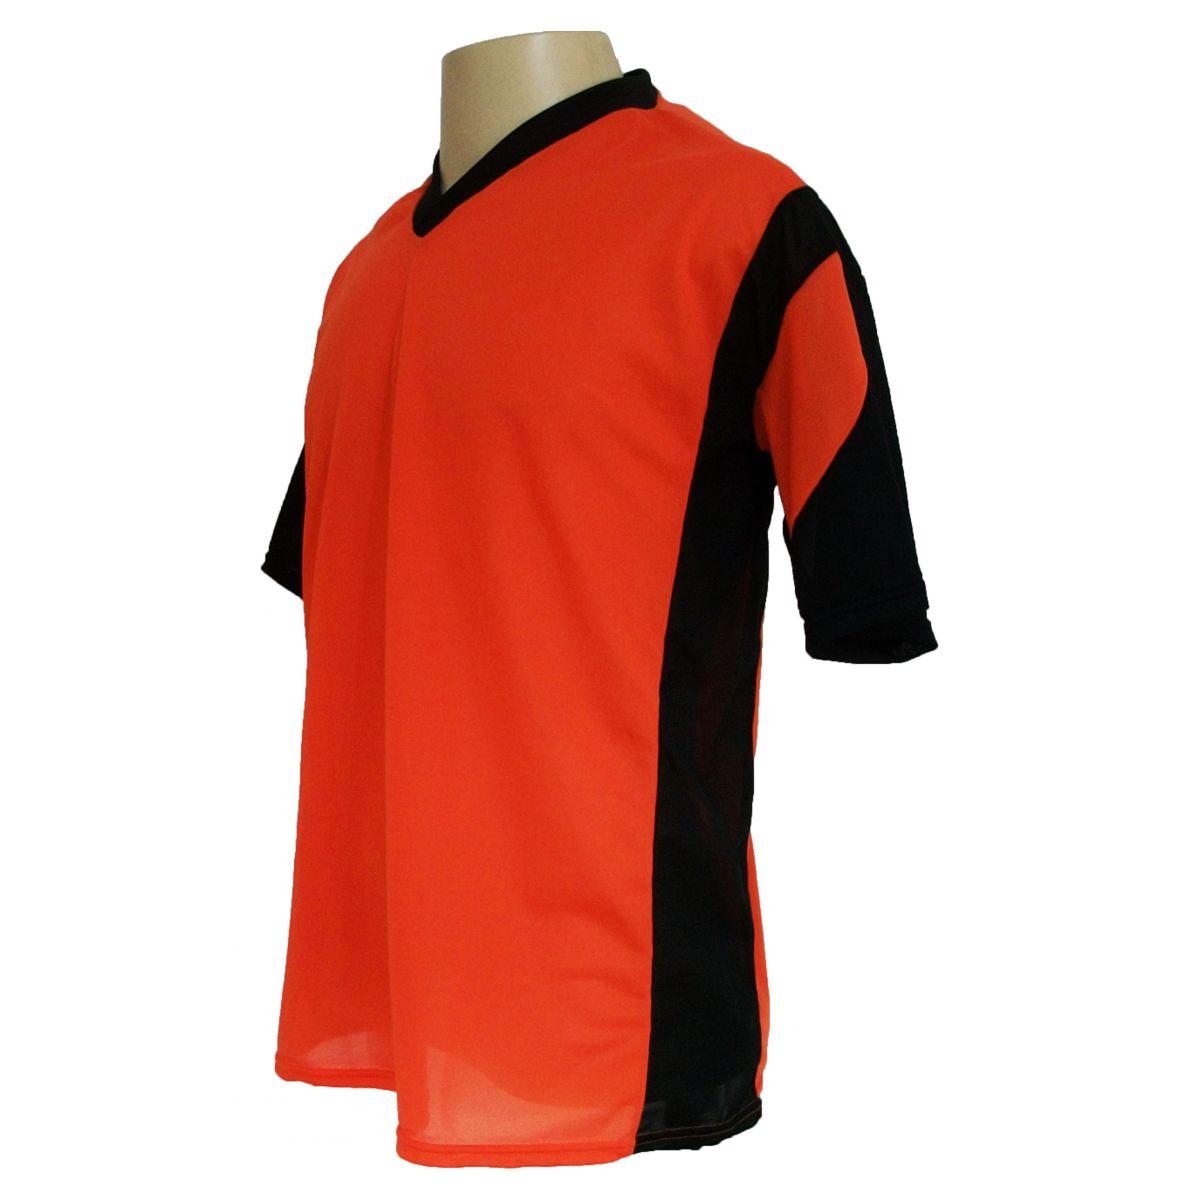 Jogo de Camisa Promocional com 12 Peças Numeradas Modelo Attack Laranja/Preto - Frete Grátis Brasil